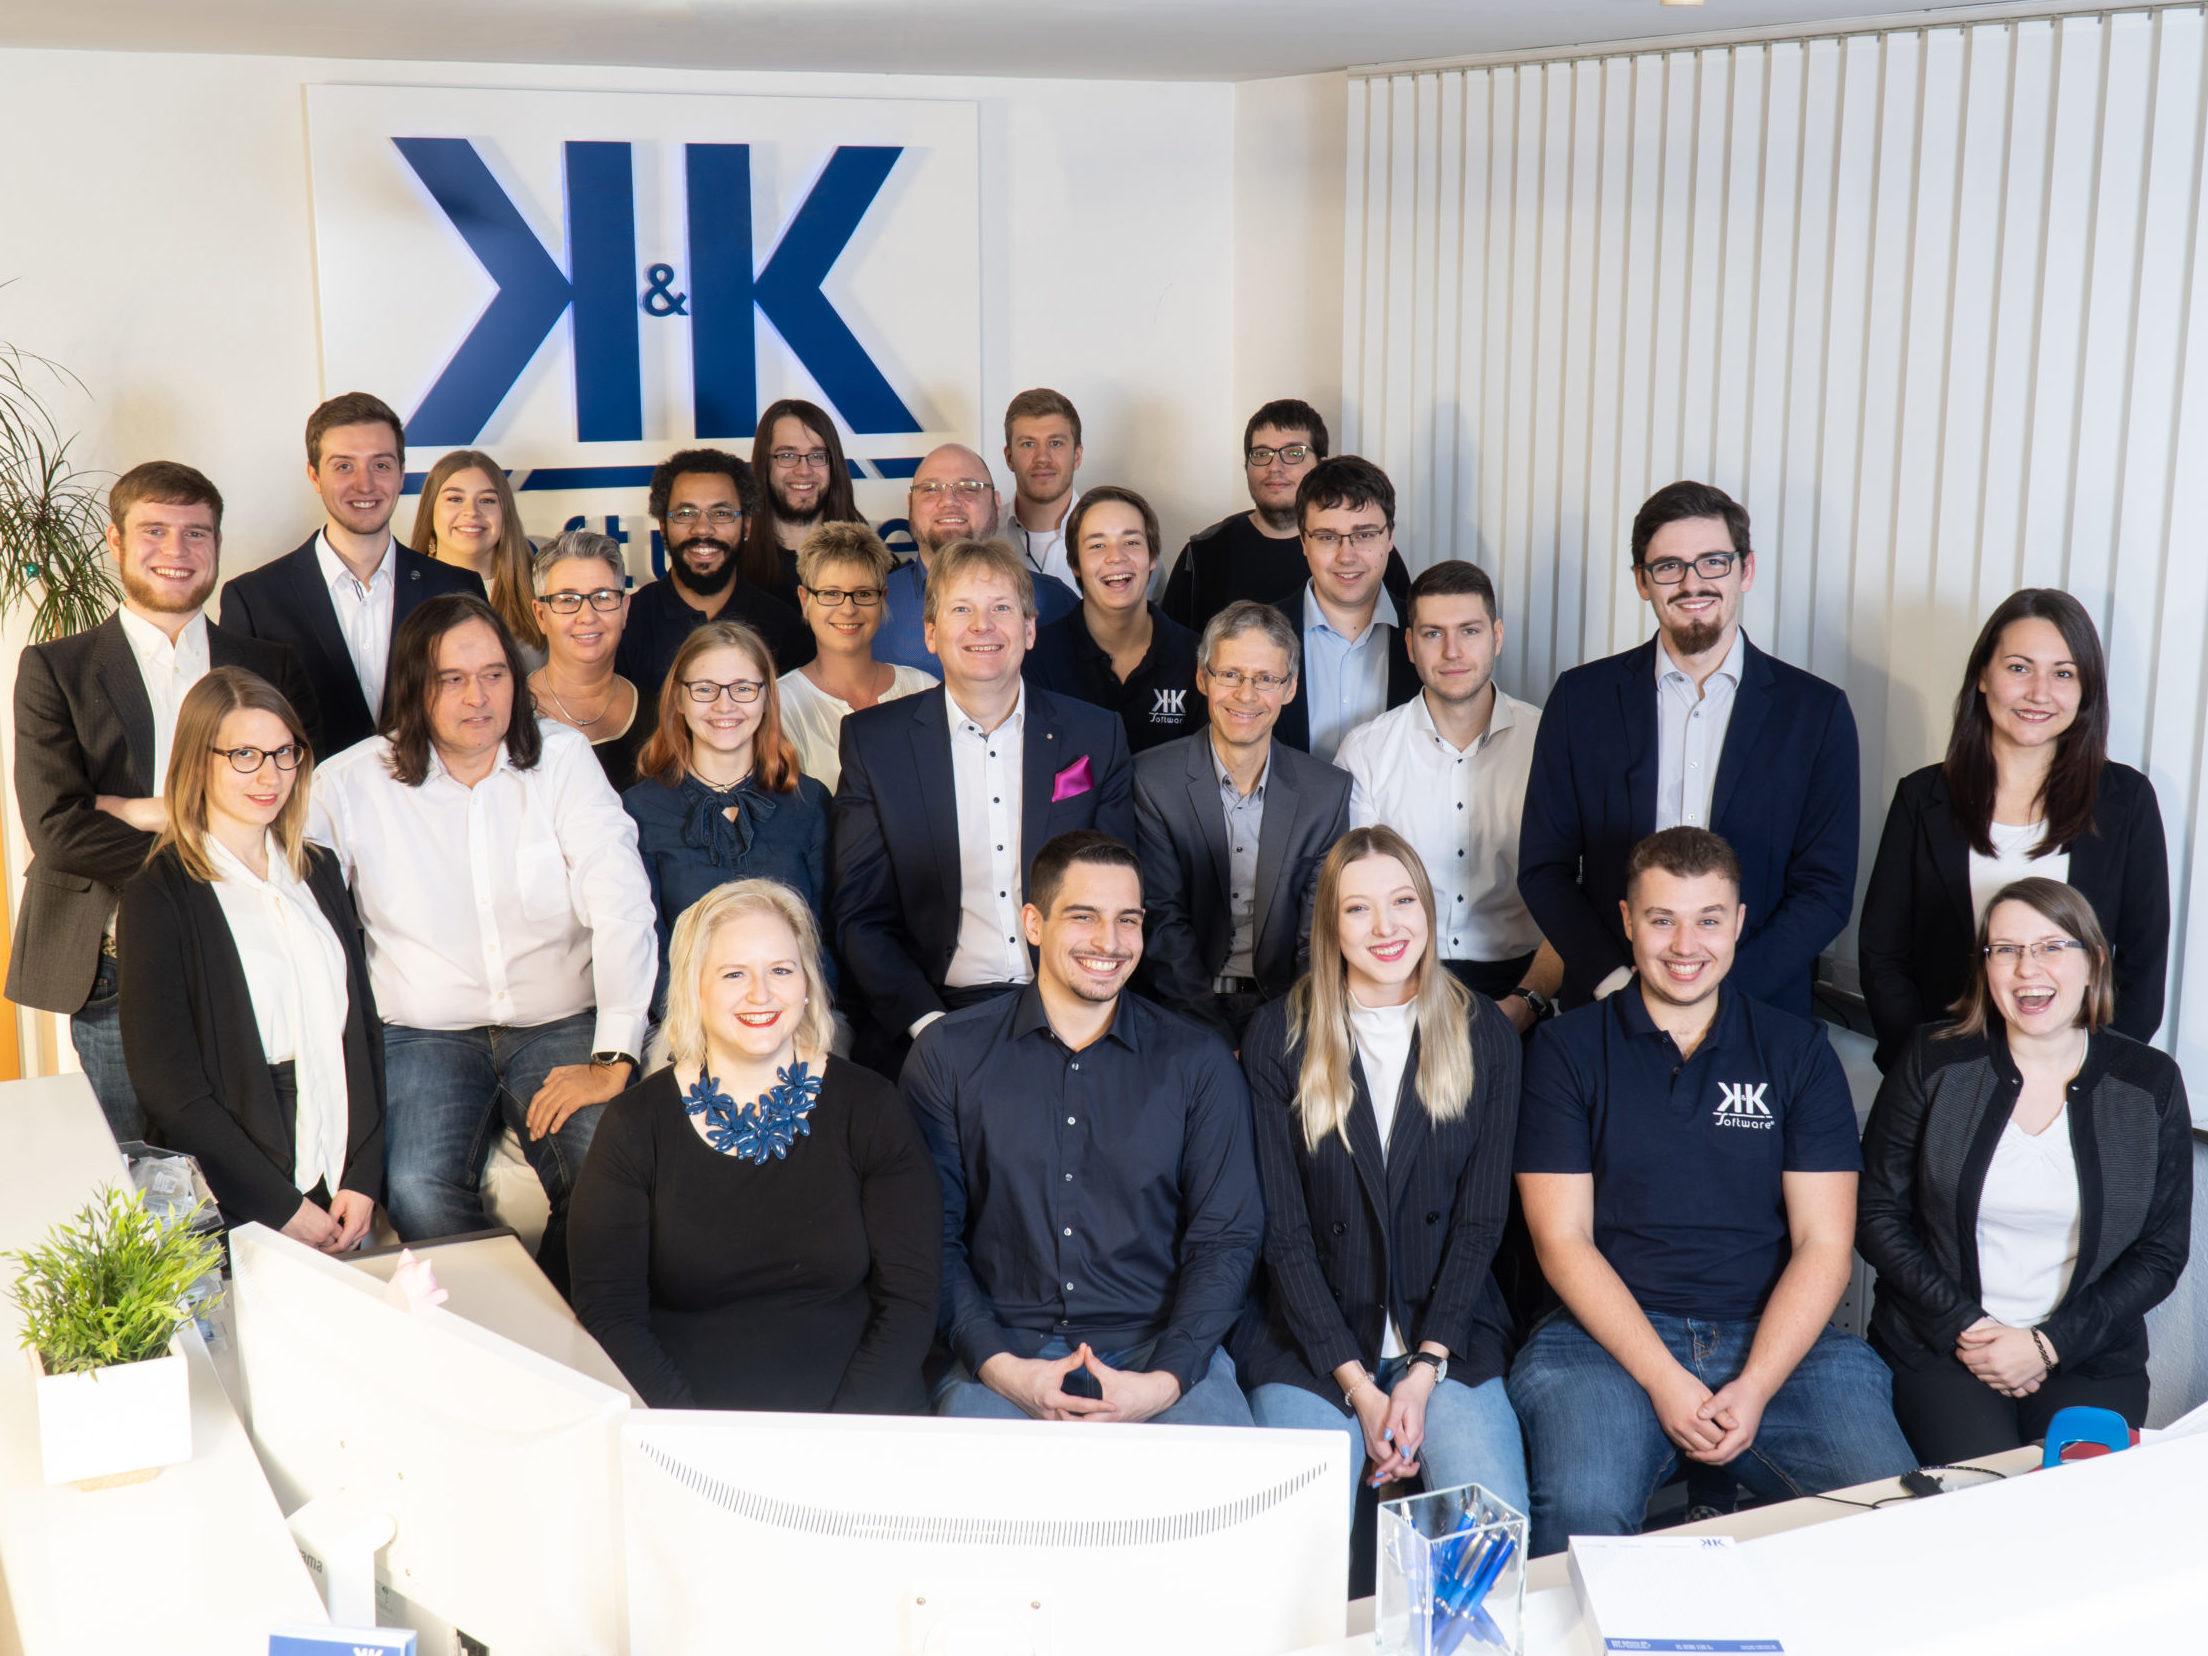 Das Foto zeigt die 27 Mitarbeiter der K&K Software AG